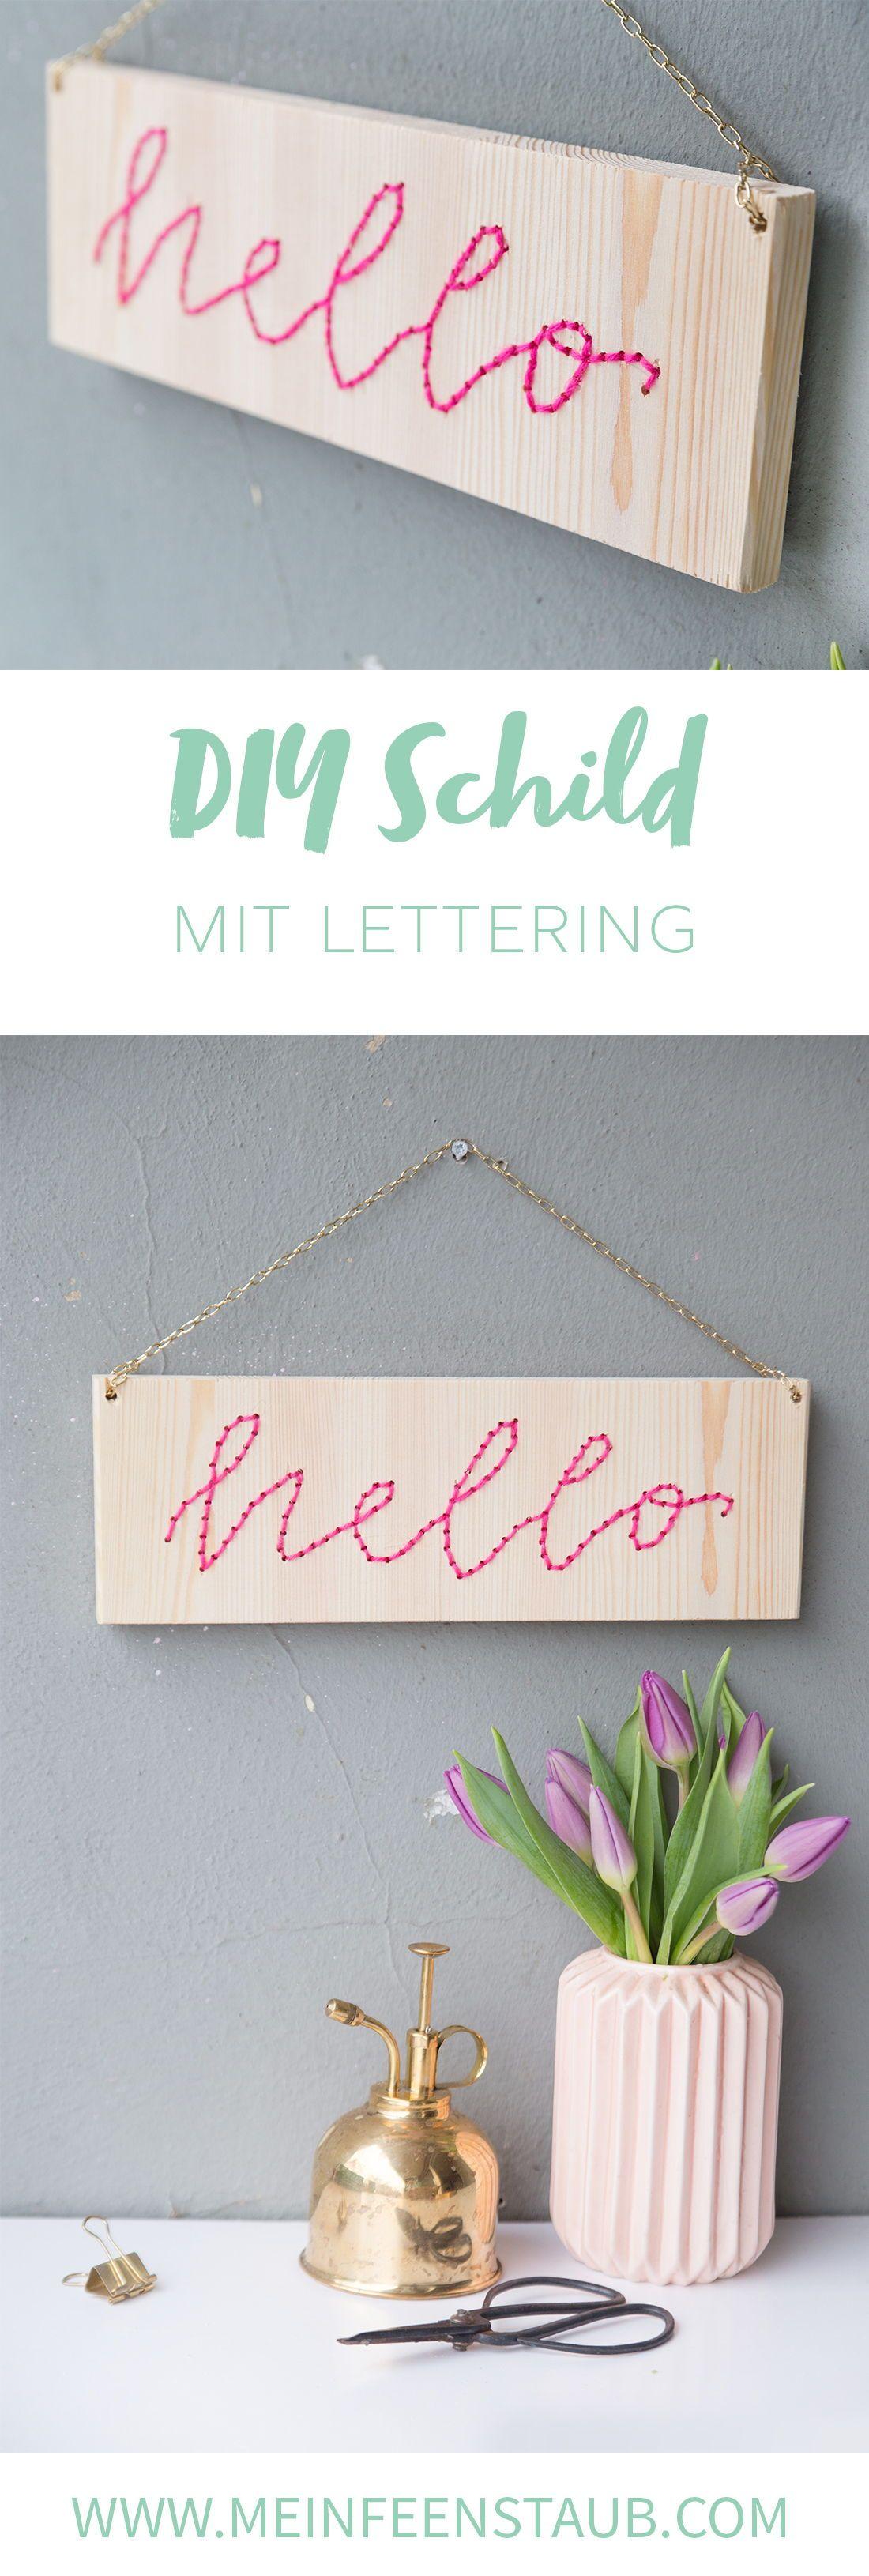 diy lettering schild mit stick schrift handlettering anleitungen auf deutsch pinterest. Black Bedroom Furniture Sets. Home Design Ideas